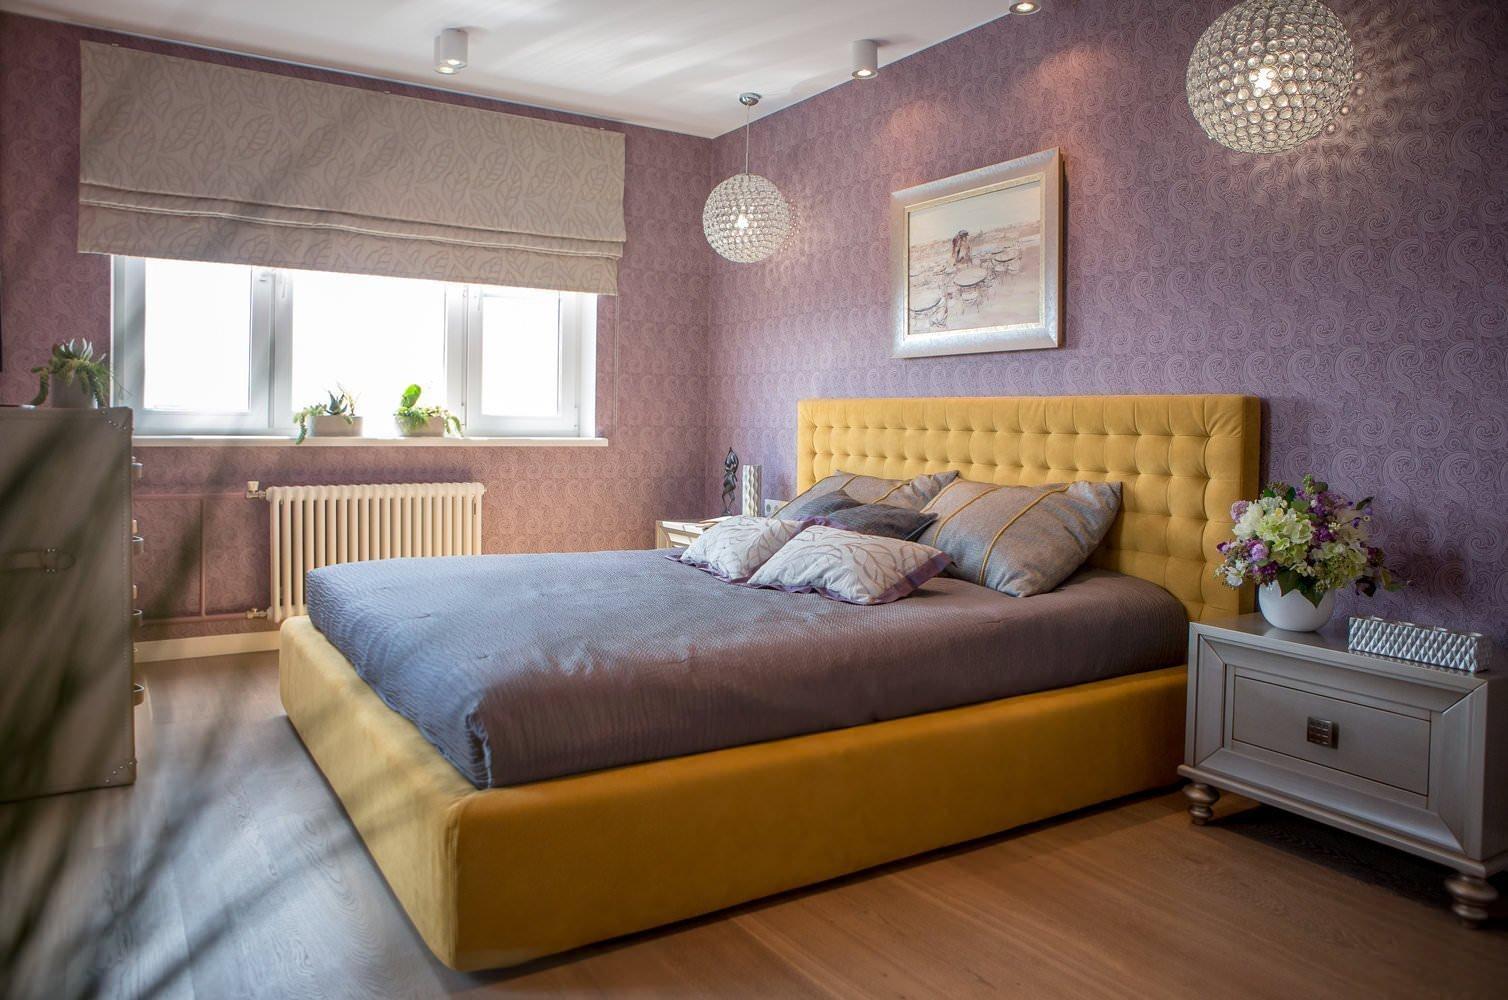 Желтая кровать в фиолетовом интерьере